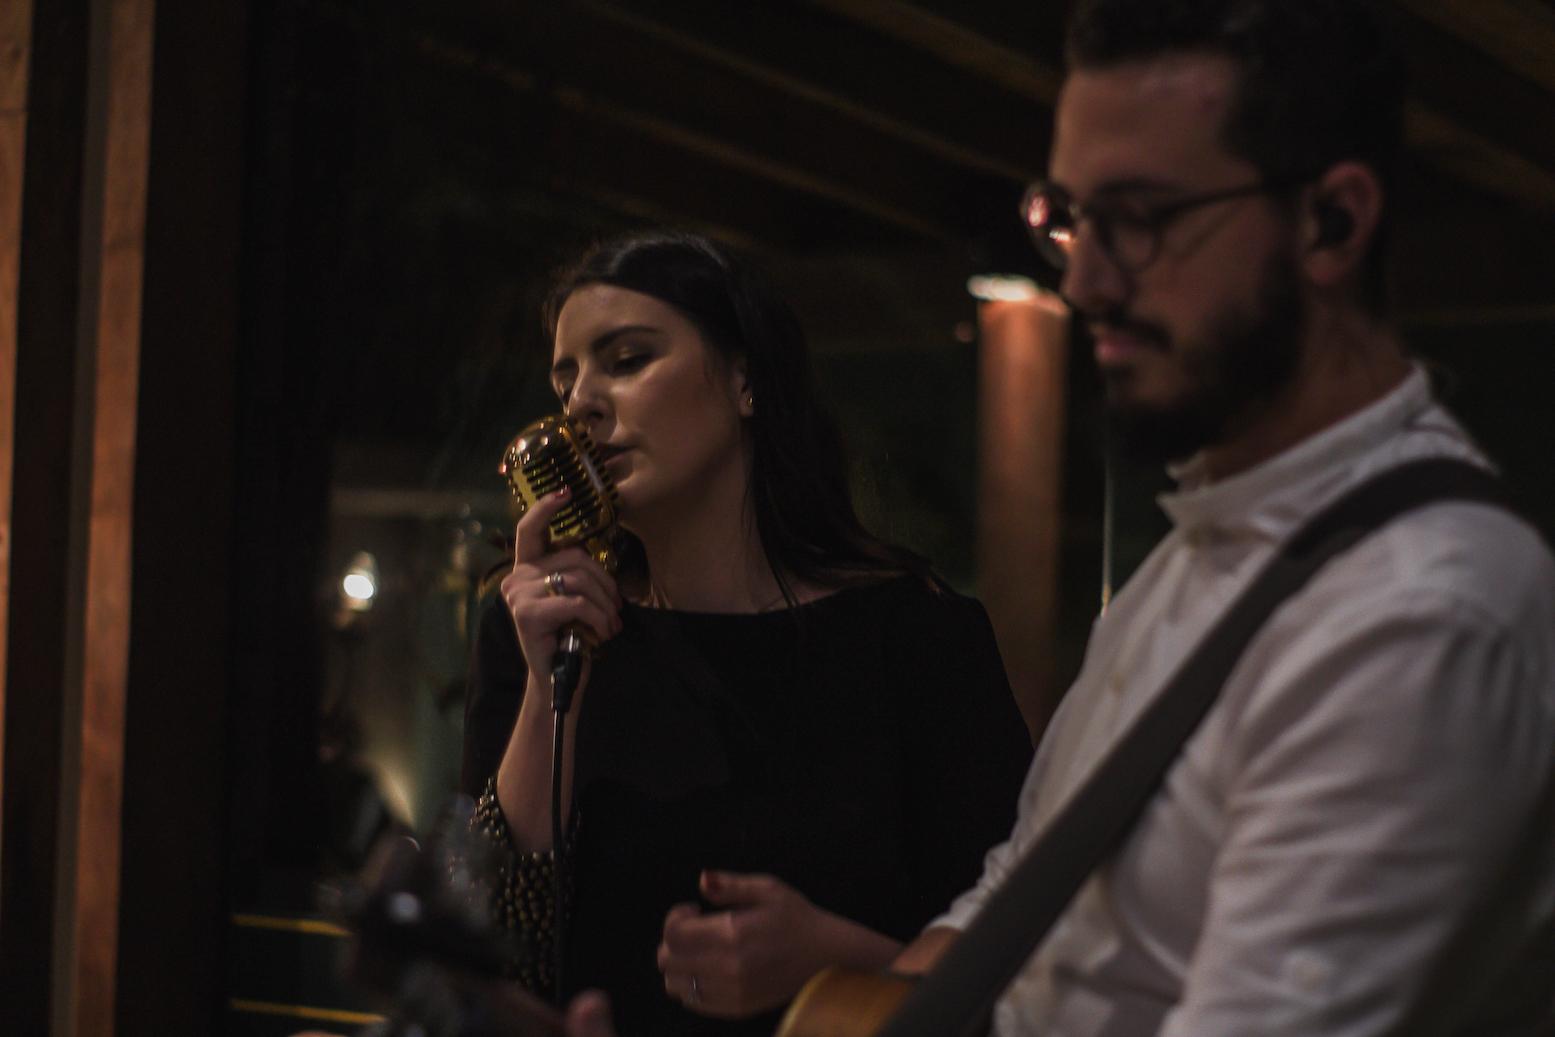 Casamento Nathalia e Rafael Voz Violão e Violino 04